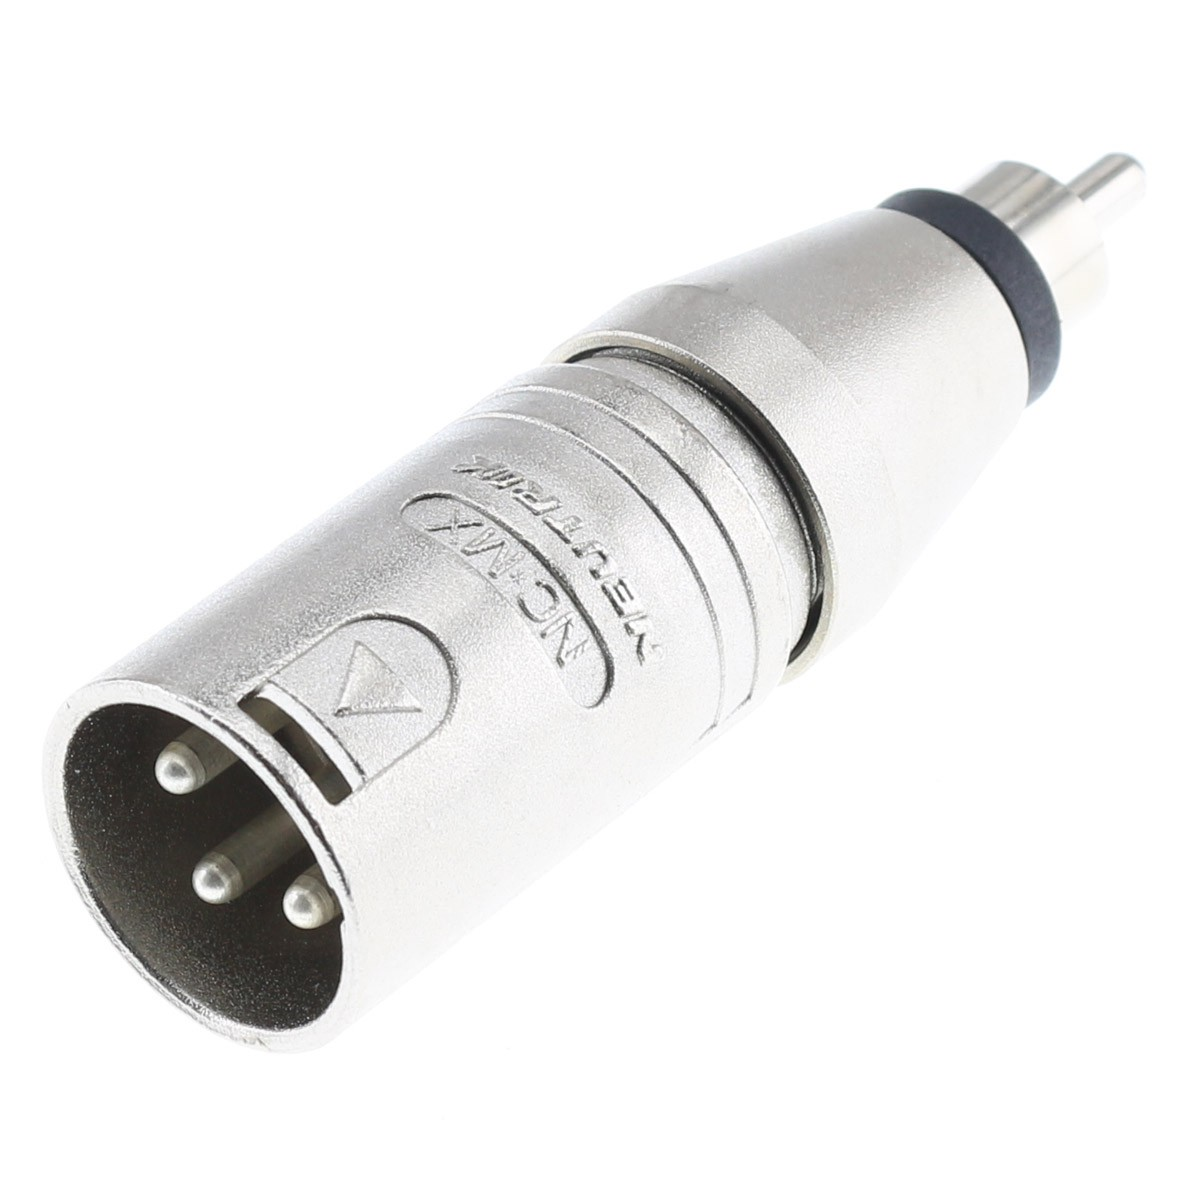 NEUTRIK NA2MPMM Male XLR Male to Male RCA Adapter